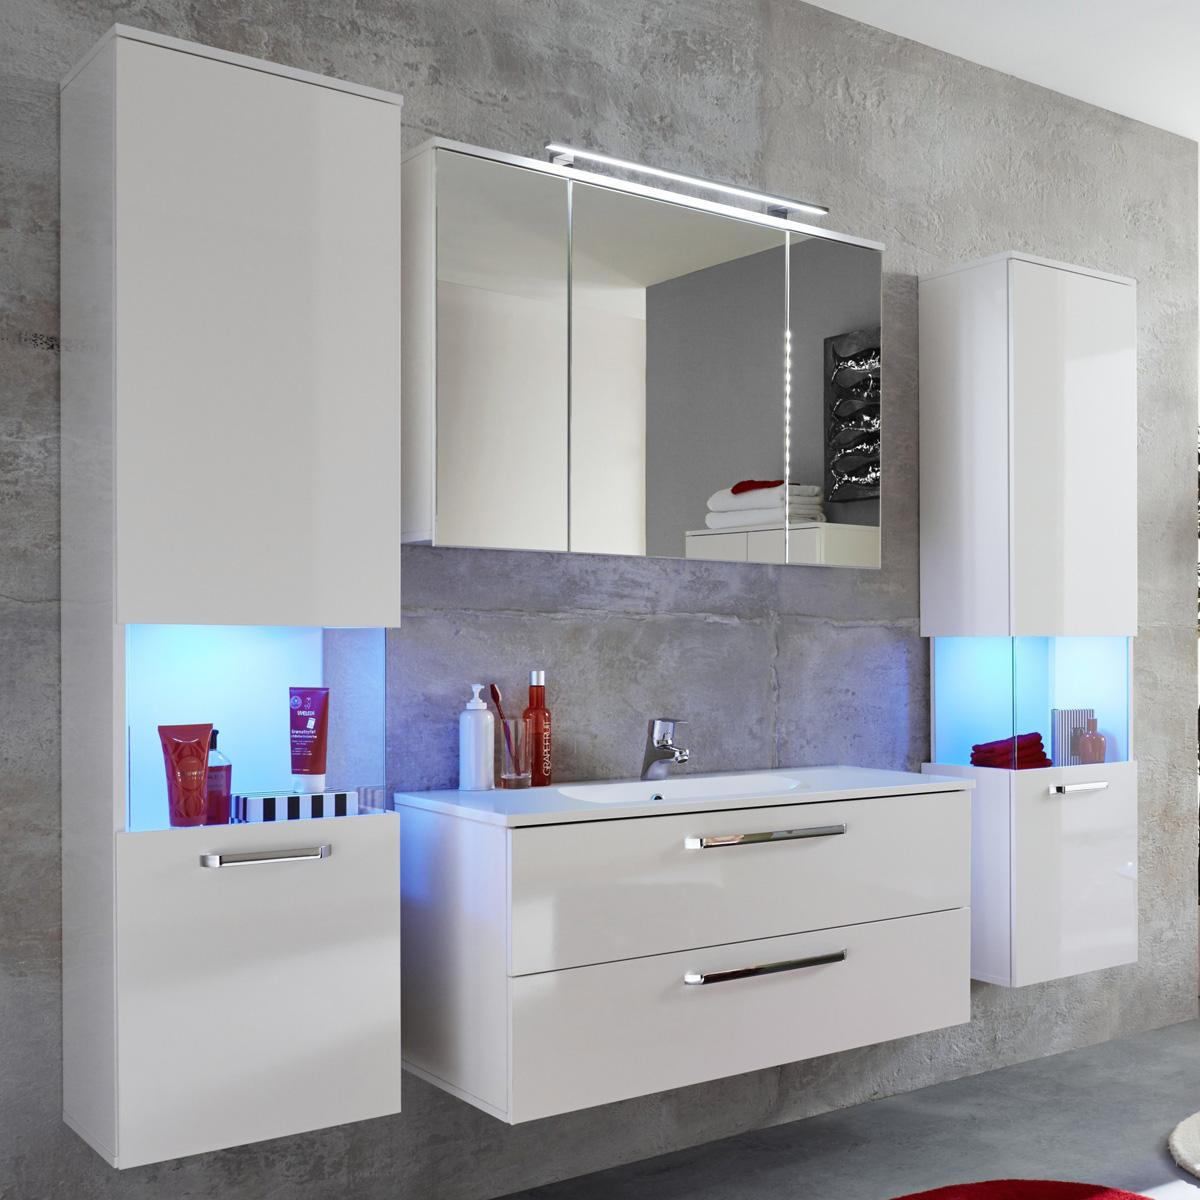 badezimmer set sky badm bel wei hochglanz bad inklusive waschbecken badschr nke ebay. Black Bedroom Furniture Sets. Home Design Ideas